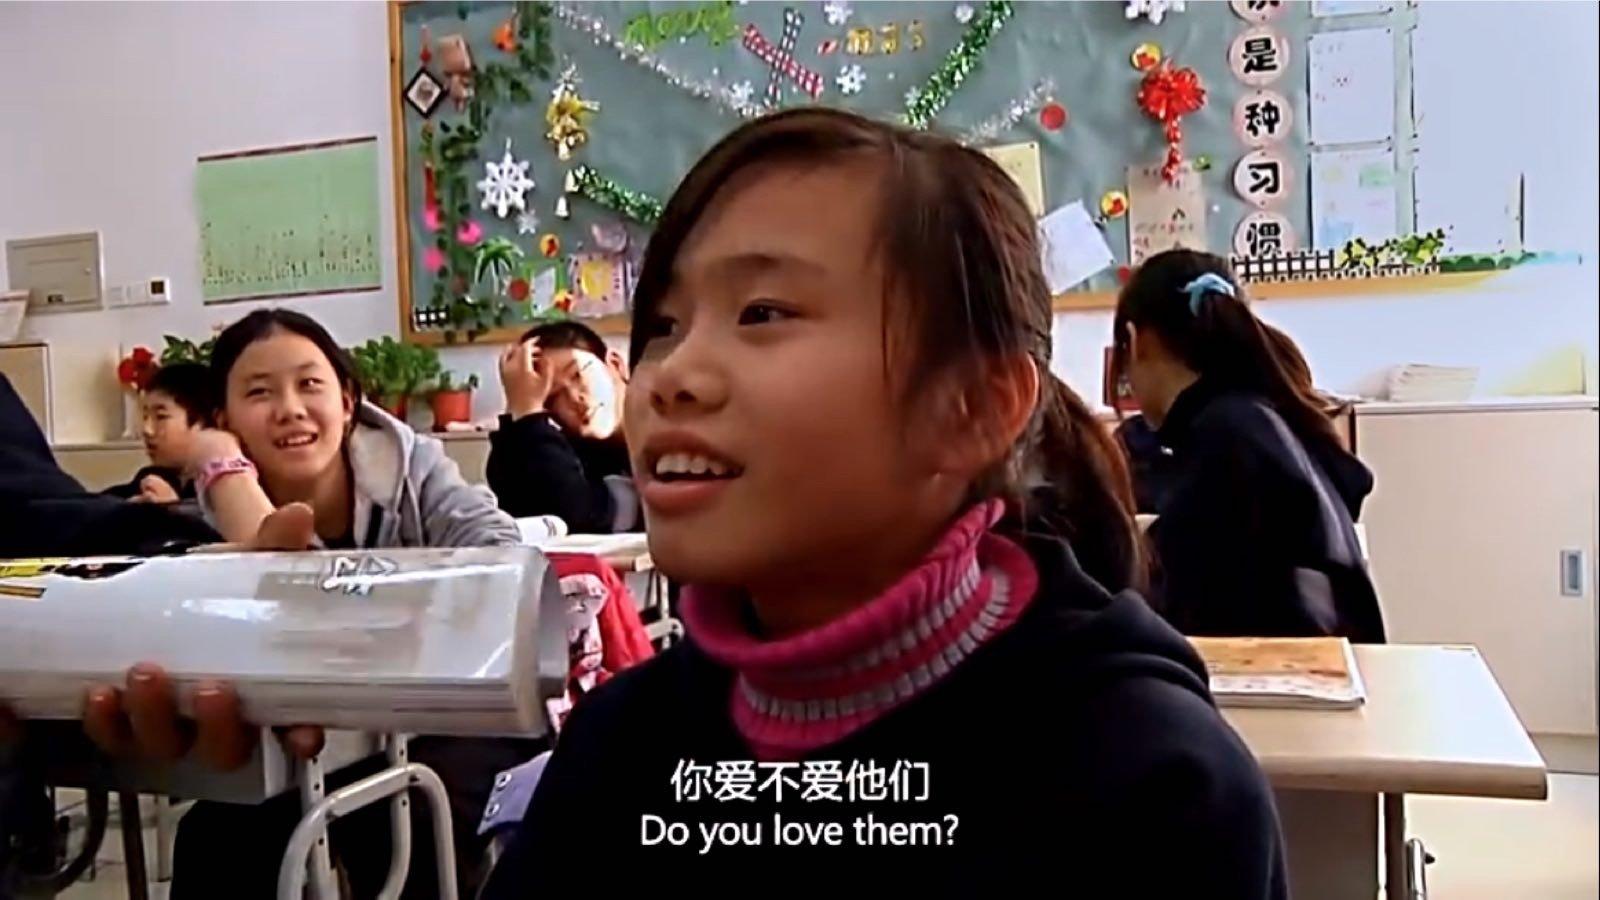 欣媛在课堂上